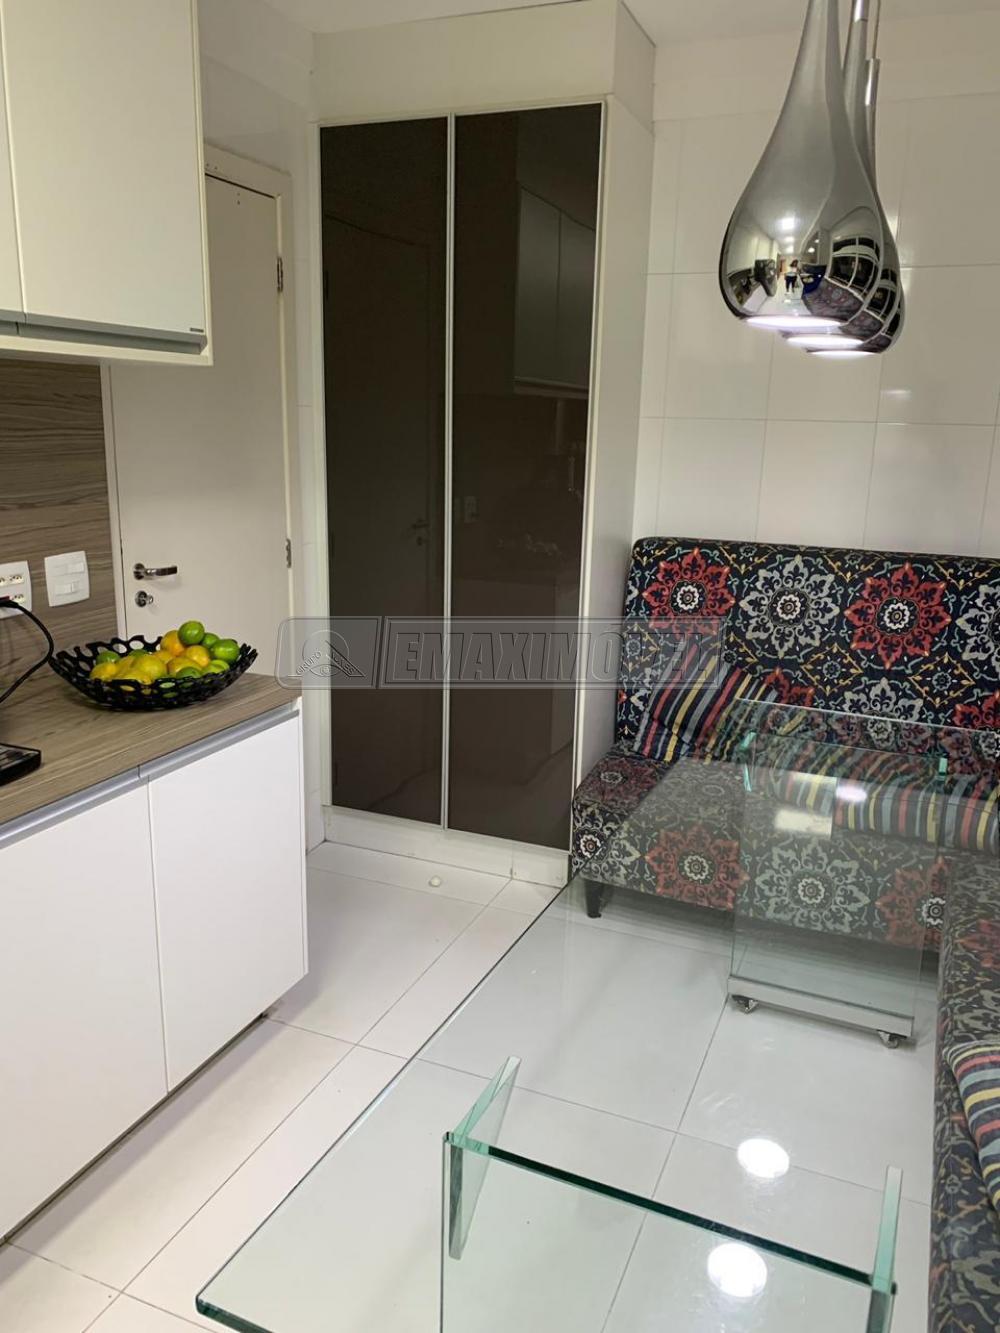 Comprar Apartamentos / Apto Padrão em Sorocaba apenas R$ 2.500.000,00 - Foto 23